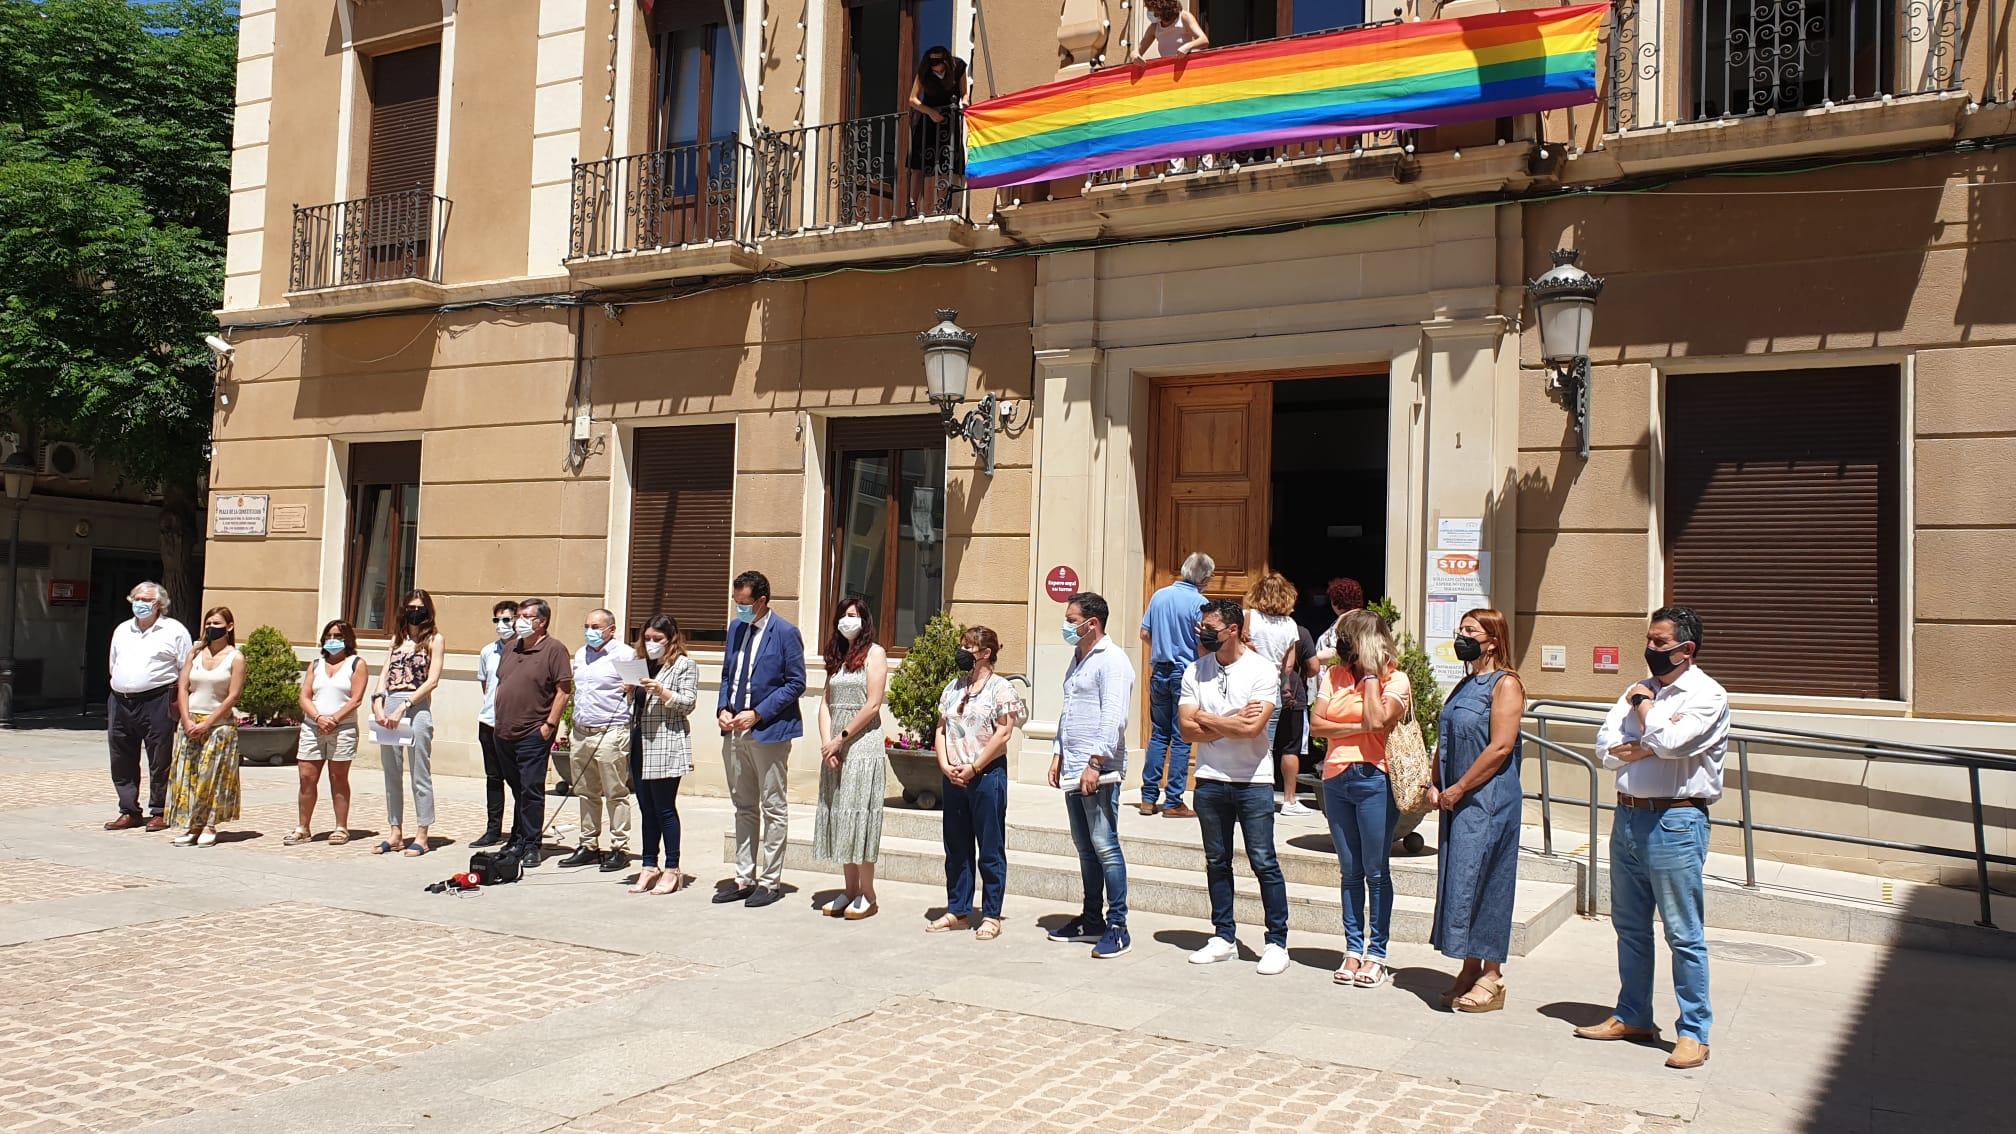 La concejala de Diversidad, Anabel García, se ha encargado de leer un manifiesto que reivindica el respeto de los derechos fundamentales.